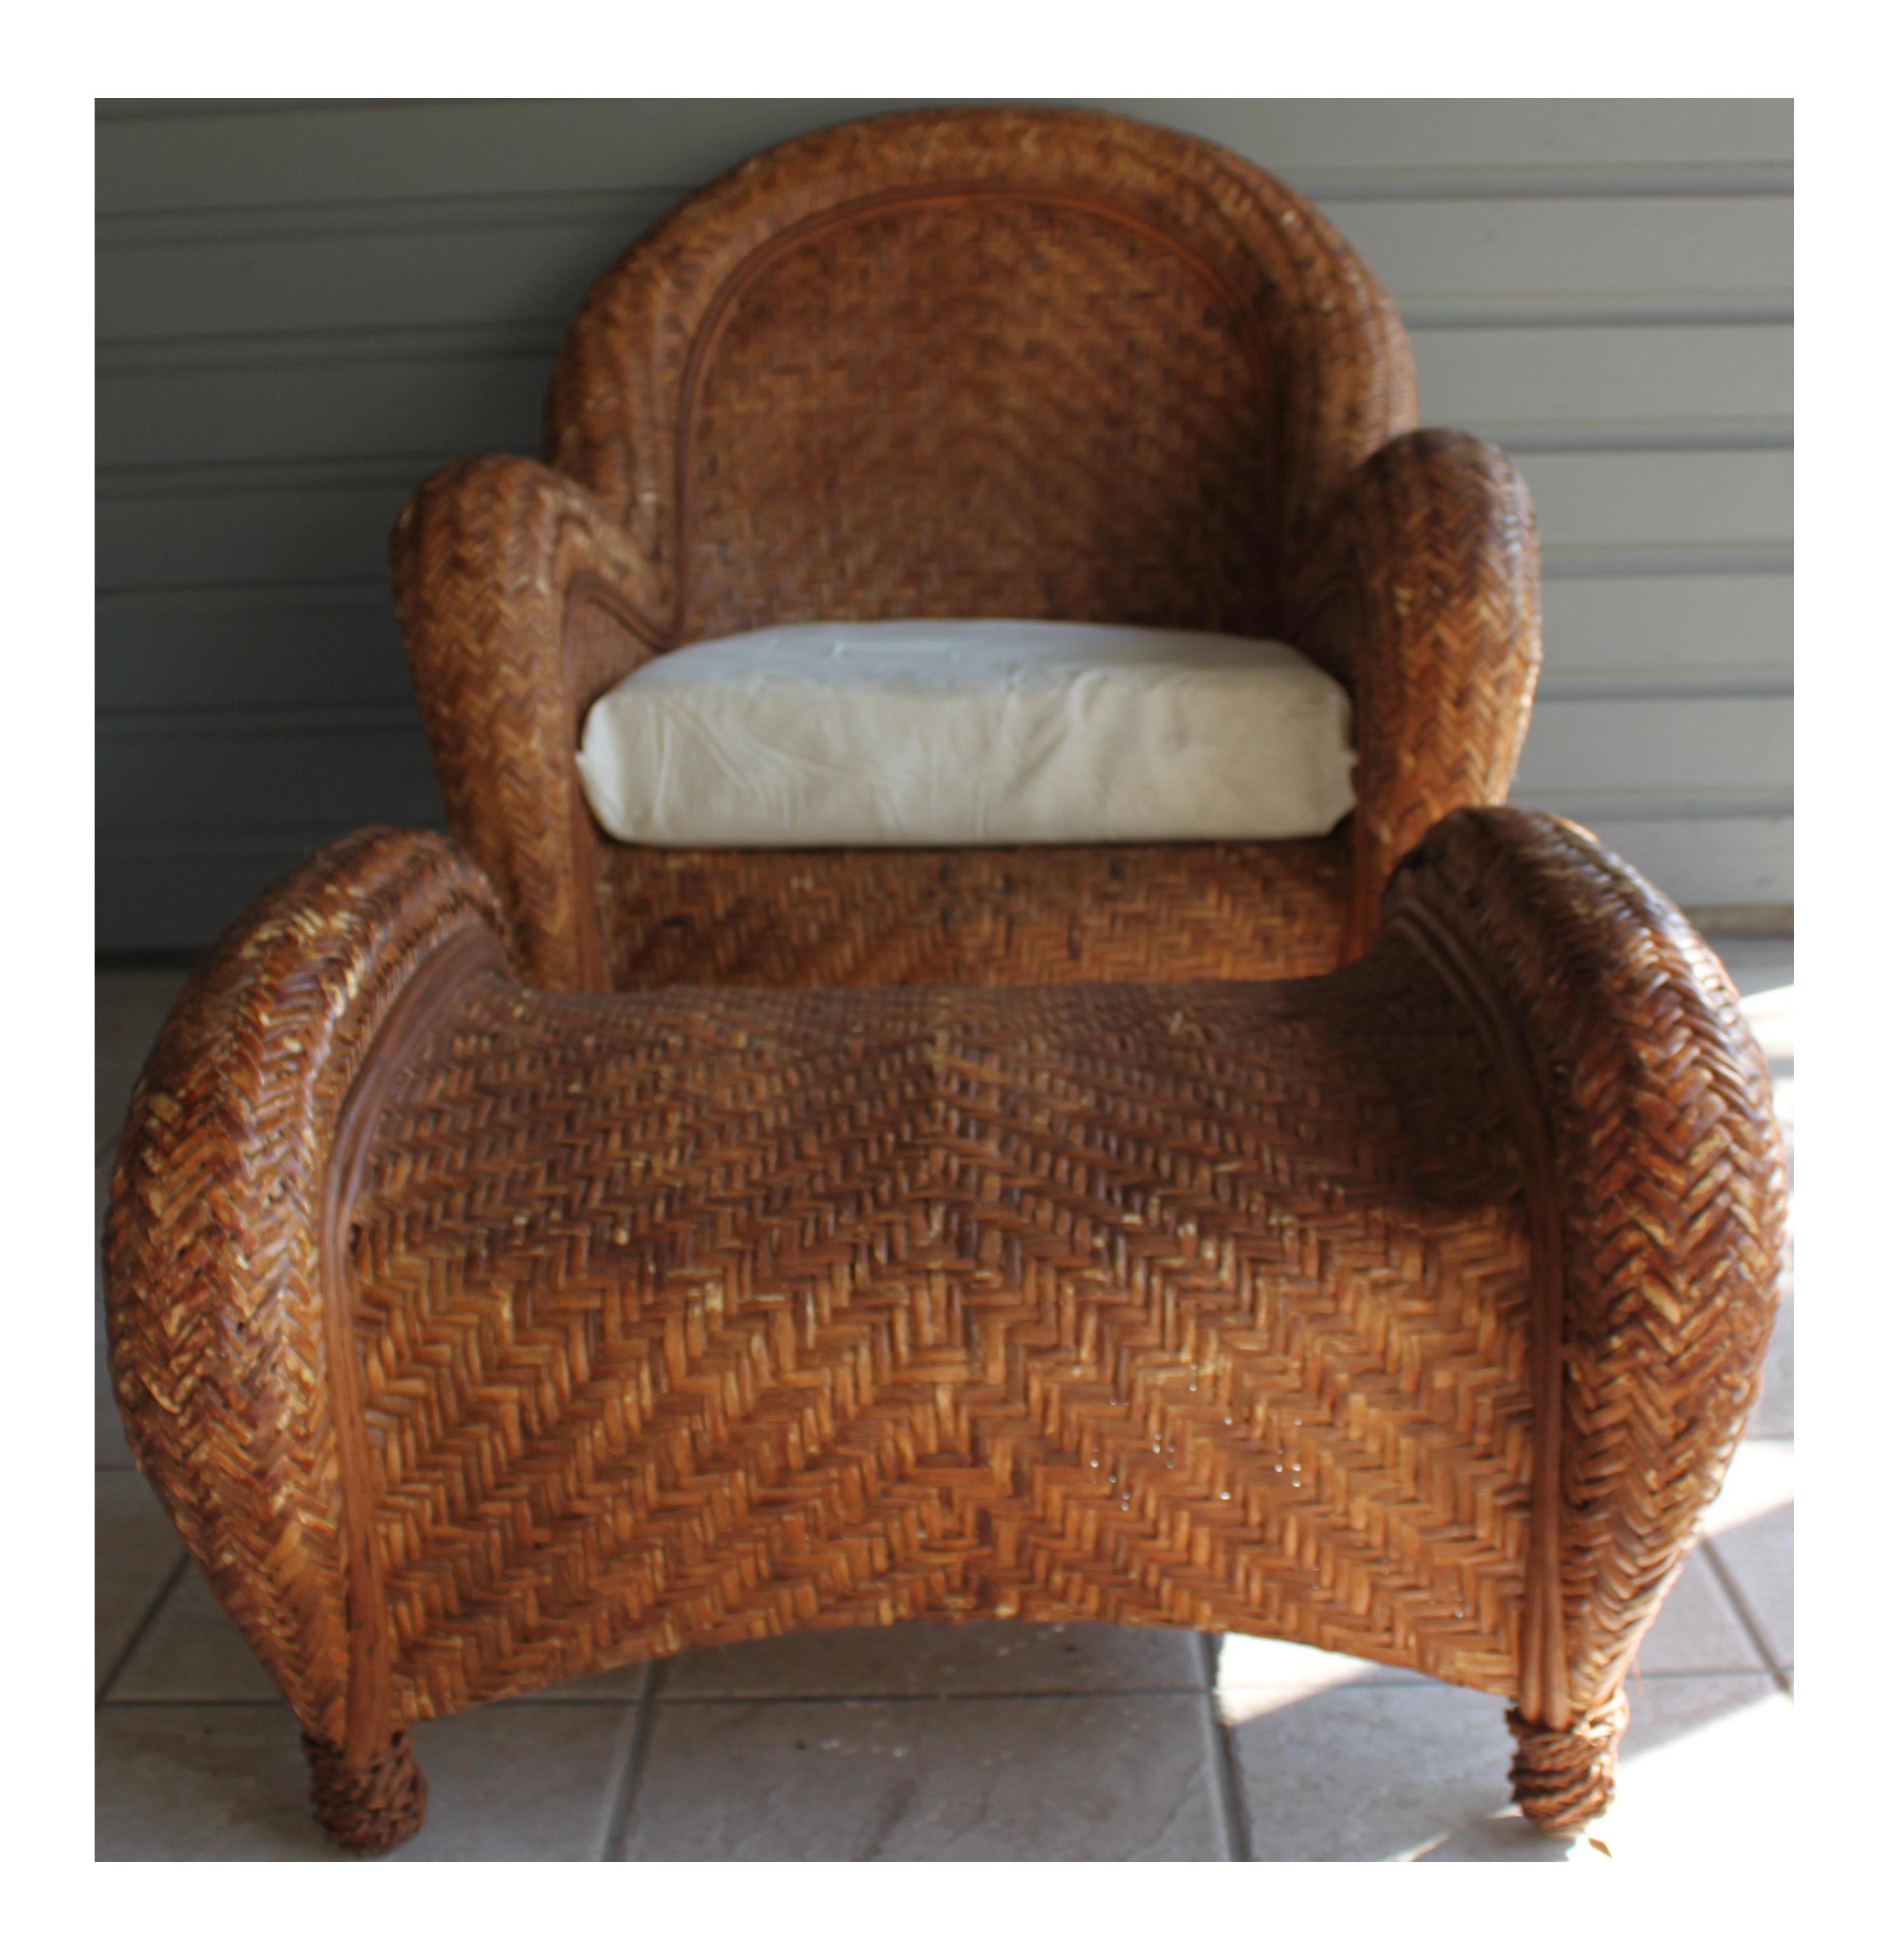 Pottery Barn Rattan Malabar Chair U0026 Ottoman Pottery Barn Rattan Chair2